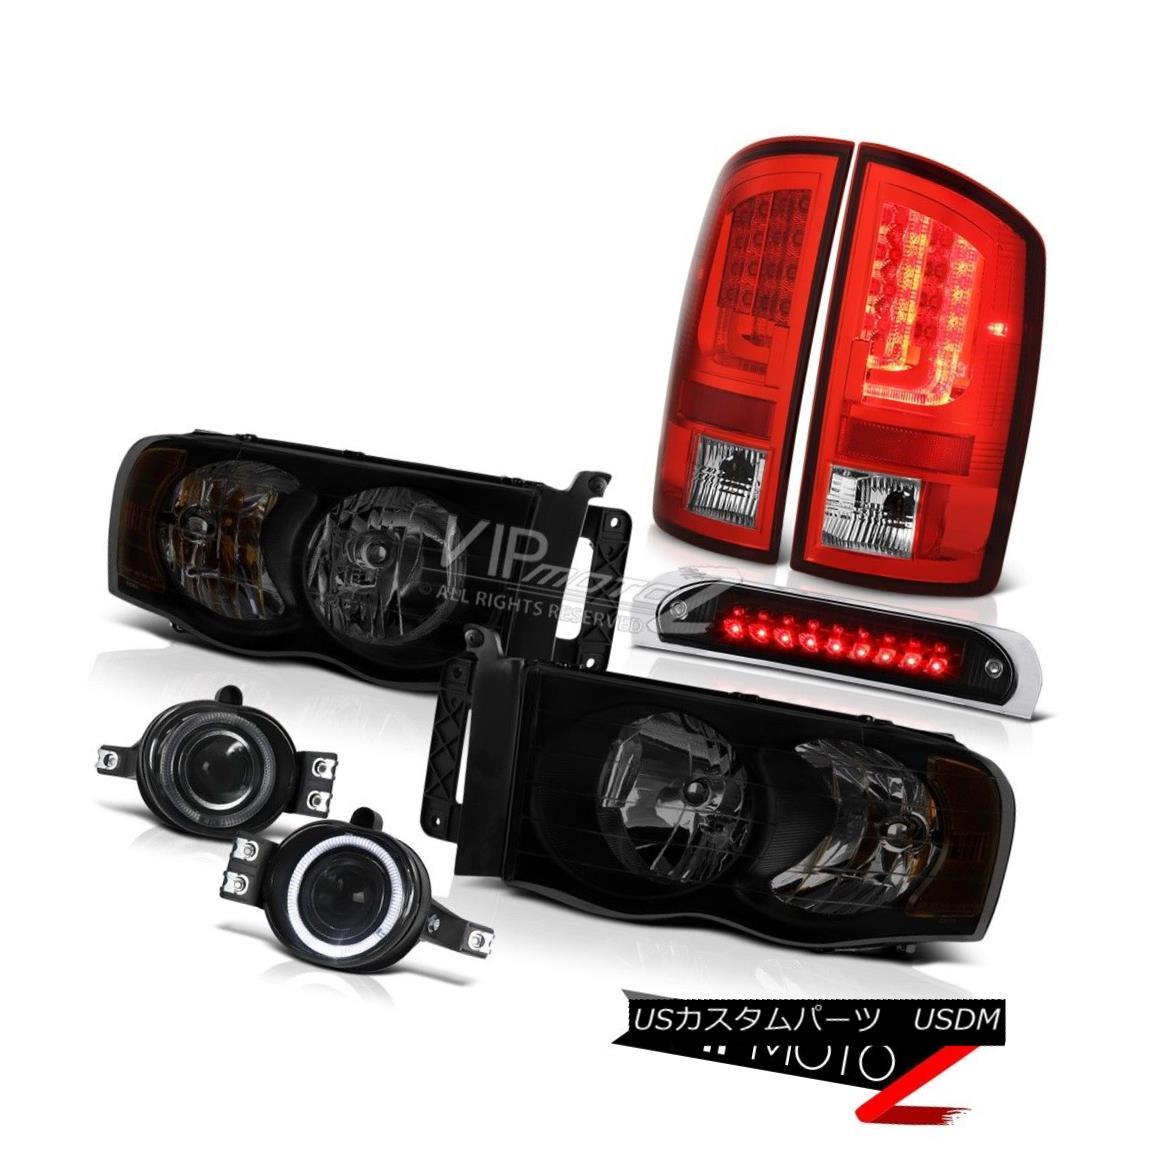 テールライト 02-05 Dodge Ram 2500 3500 WS Tail Lamps Roof Brake Light Headlamps Foglights LED 02-05 Dodge Ram 2500 3500 WSテールランプルーフブレーキライトヘッドランプフォグライトLED